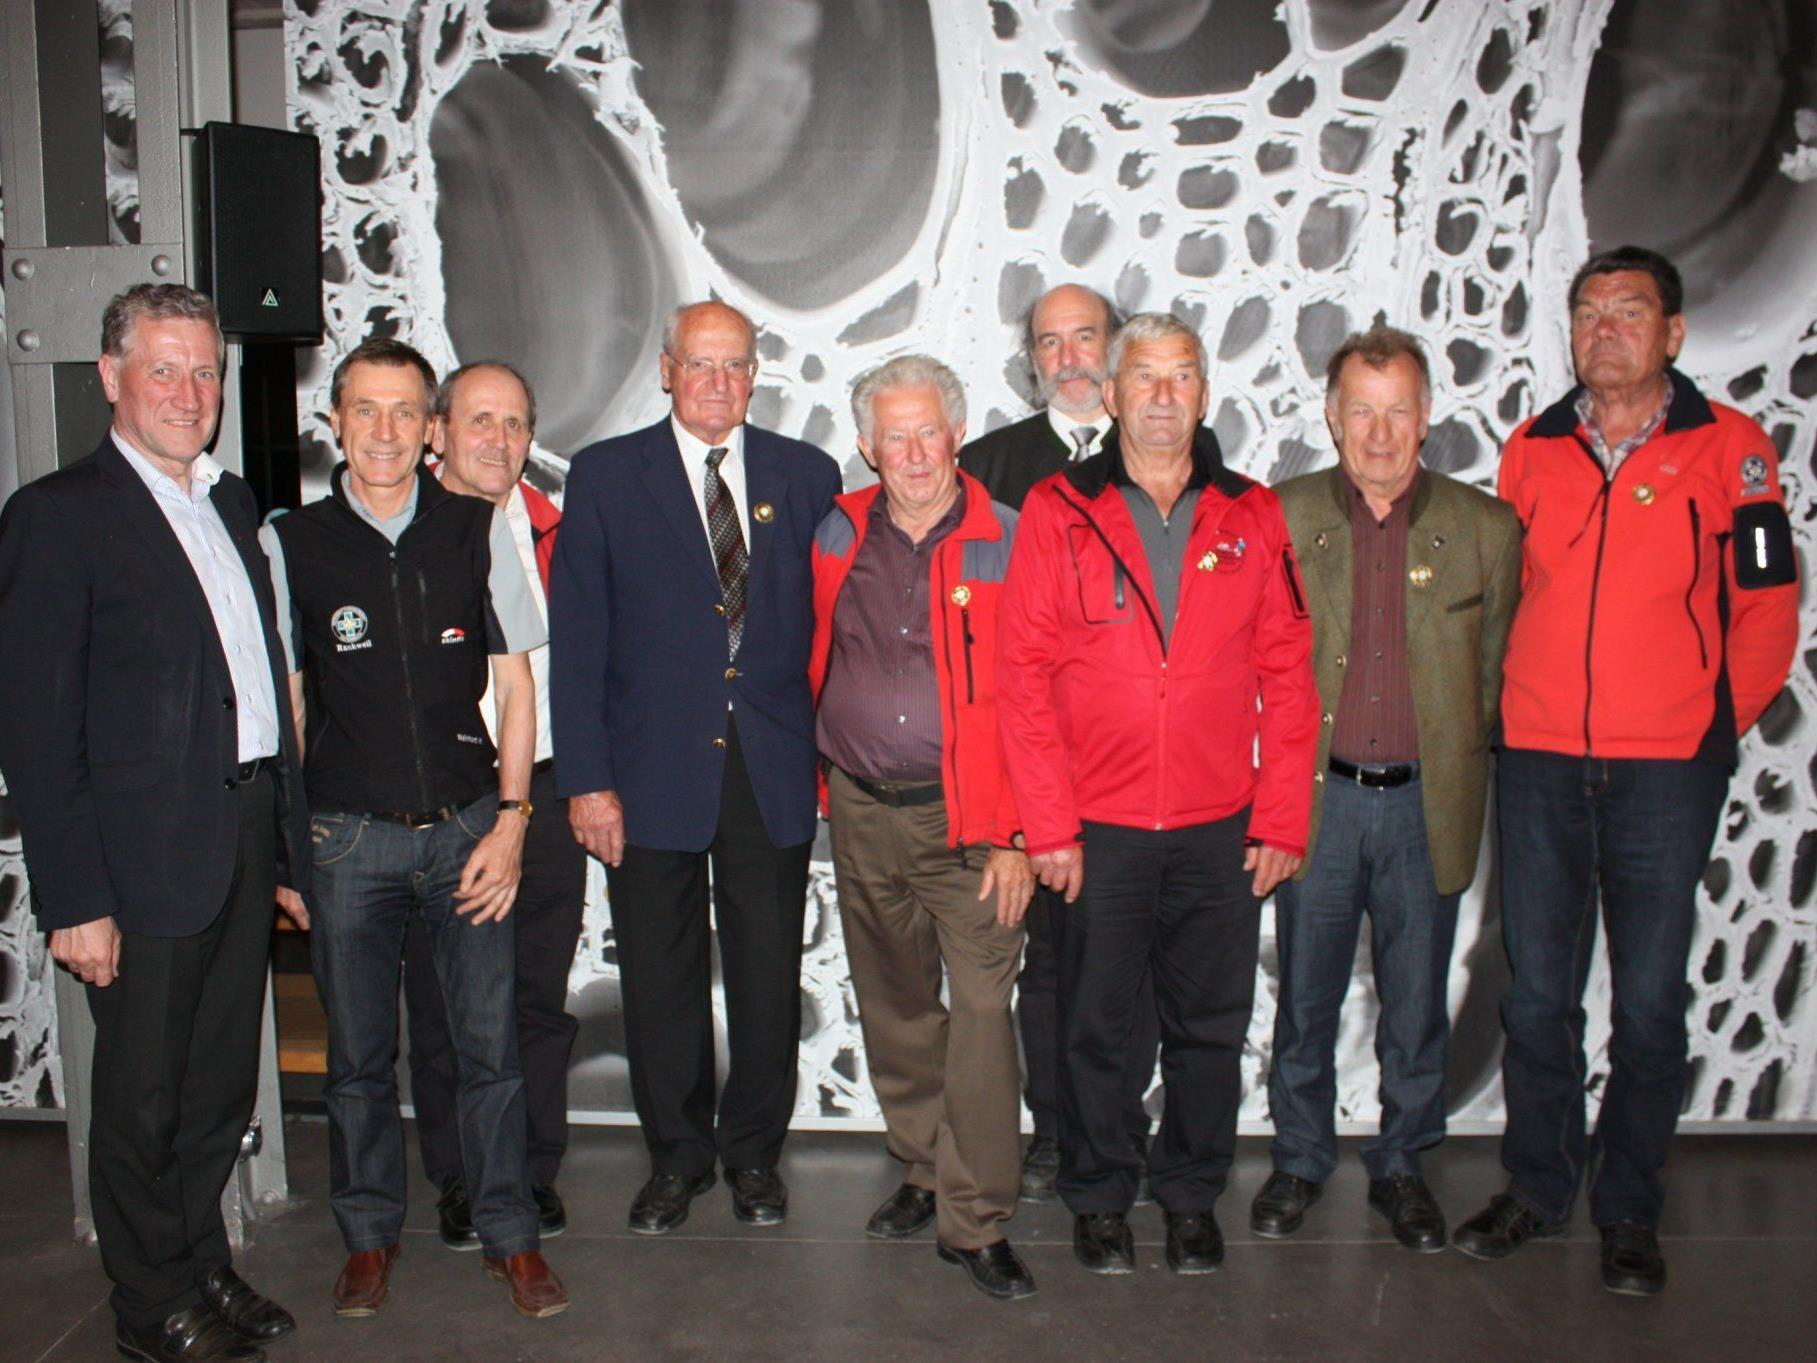 Ehrung für langjährige Mitgliedschaften und besondere Verdienste: LR Erich Schwärzler und Landesleiter Gebhard Barbisch mit den Geehrten